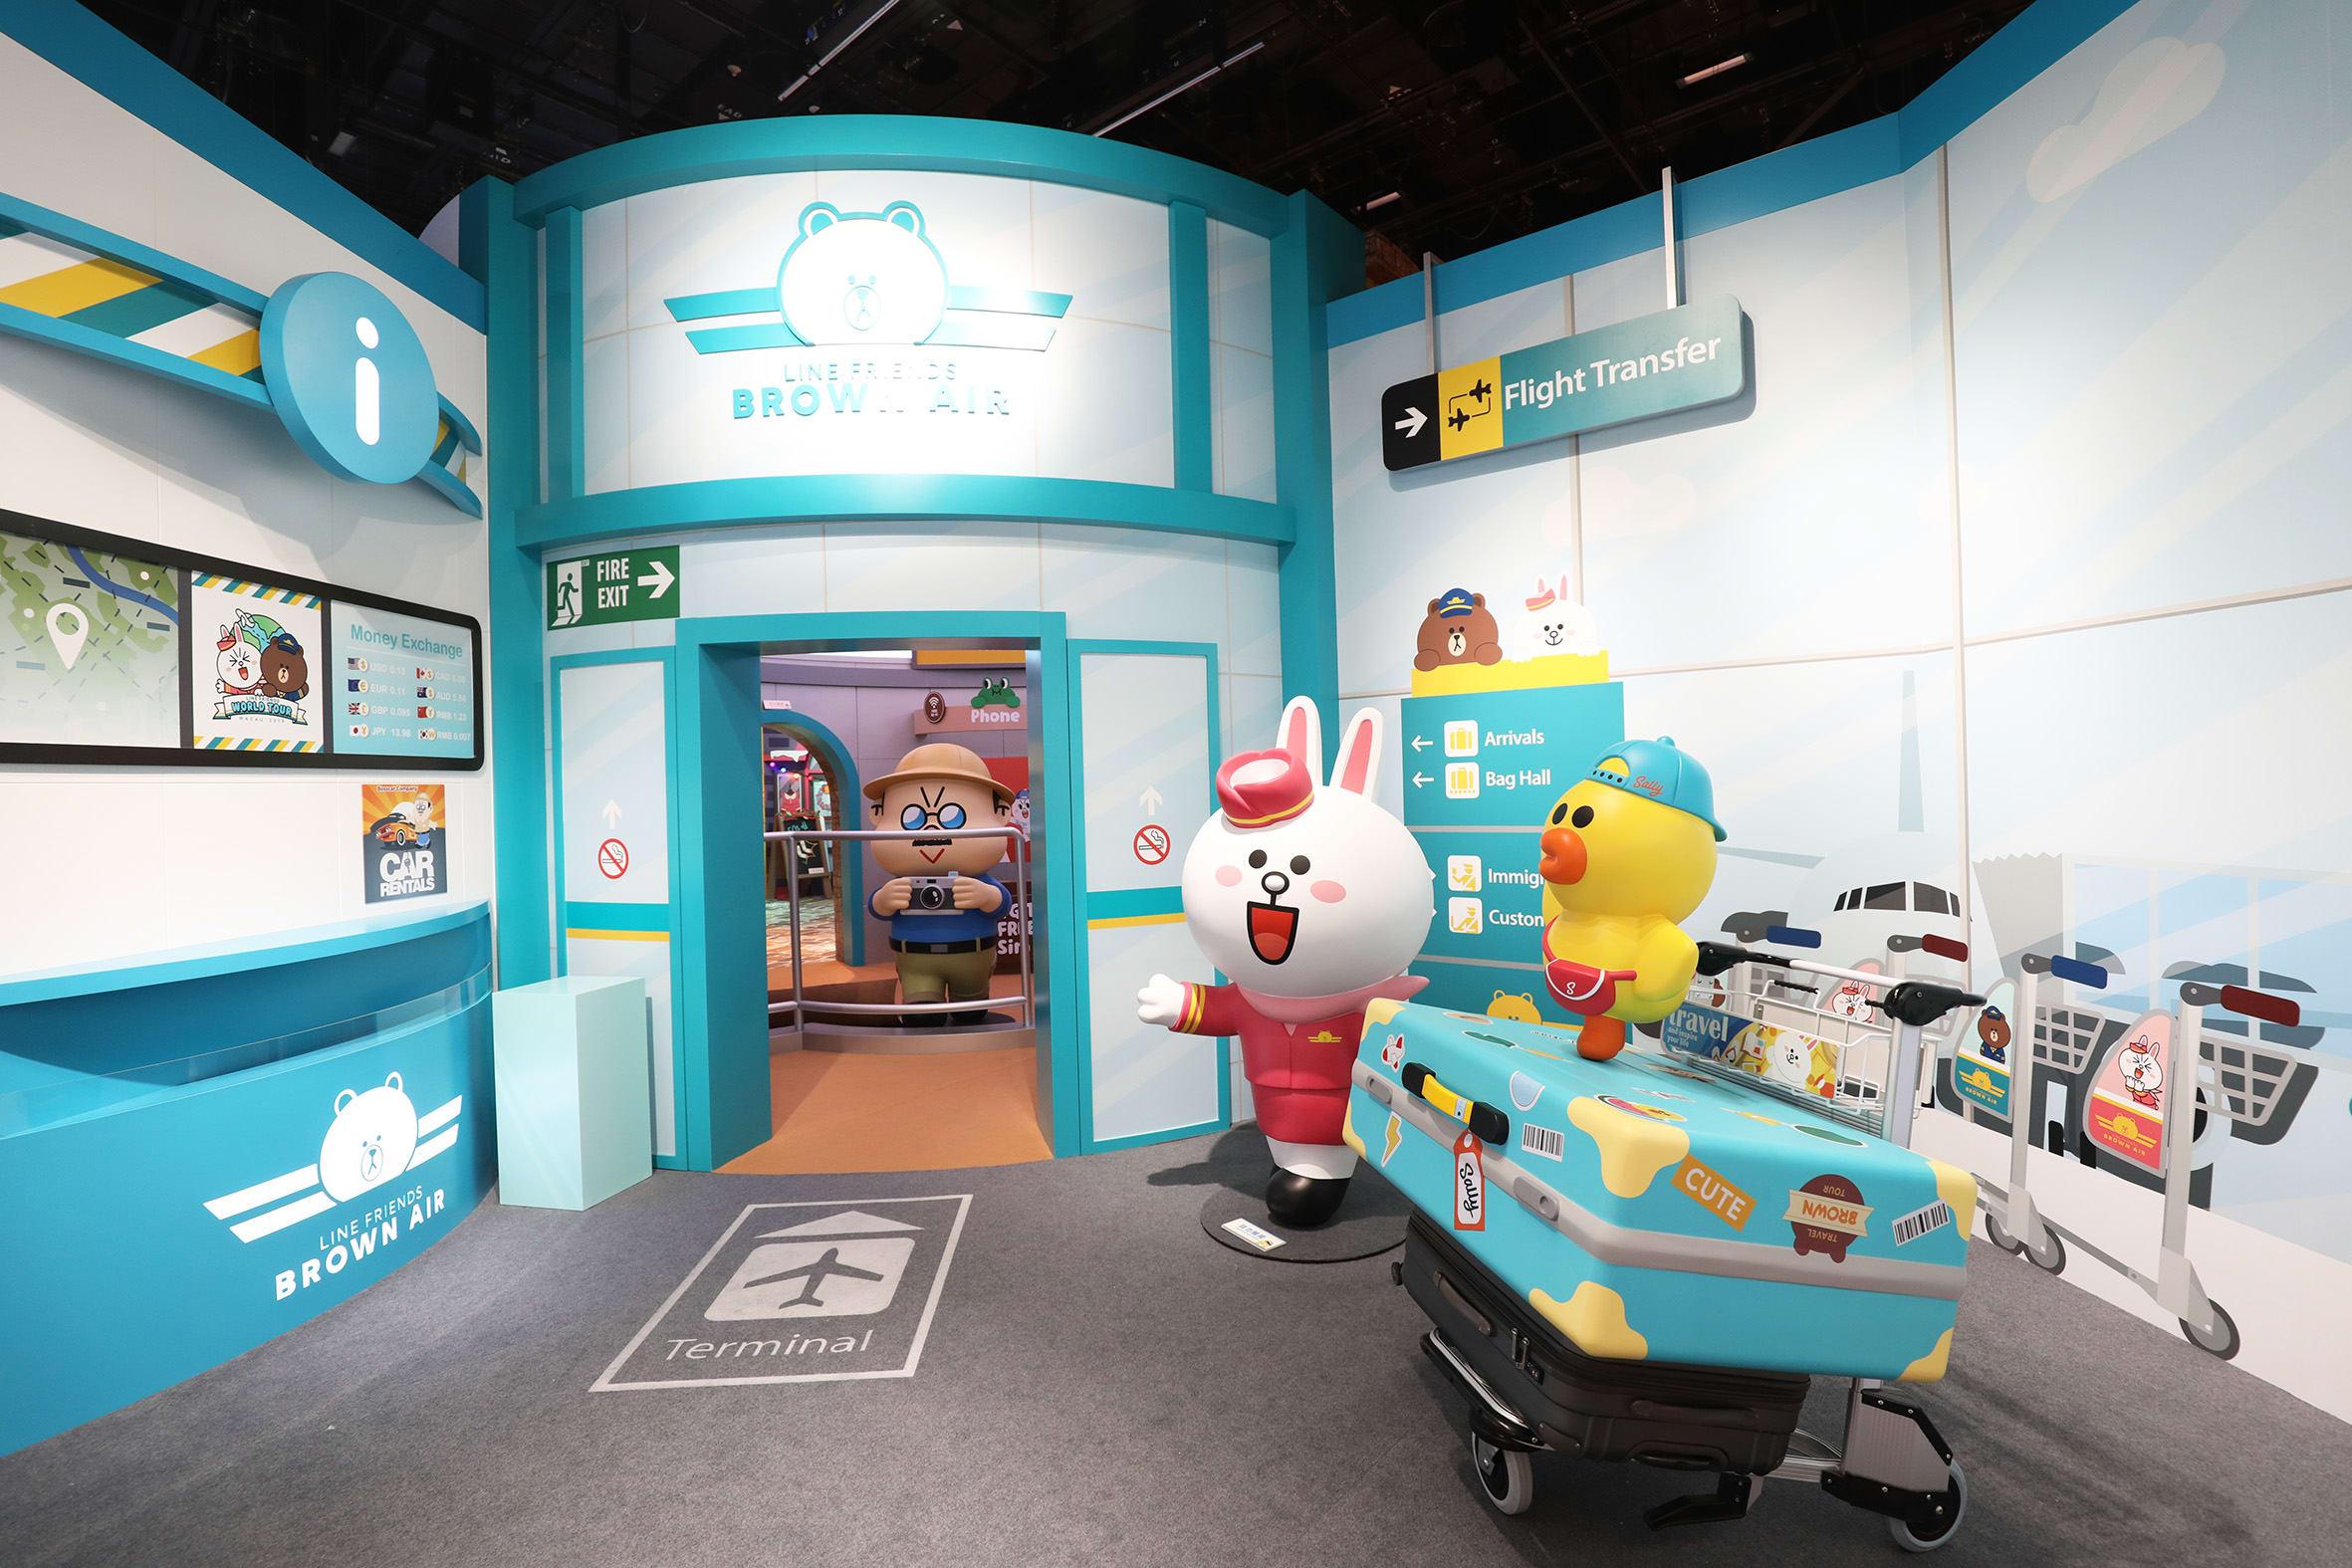 台北展覽,LINE FRIENDS:世界巡迴之旅,準備下機囉,空姐兔兔來招呼,感謝旅客搭乘,入境請往裡面走